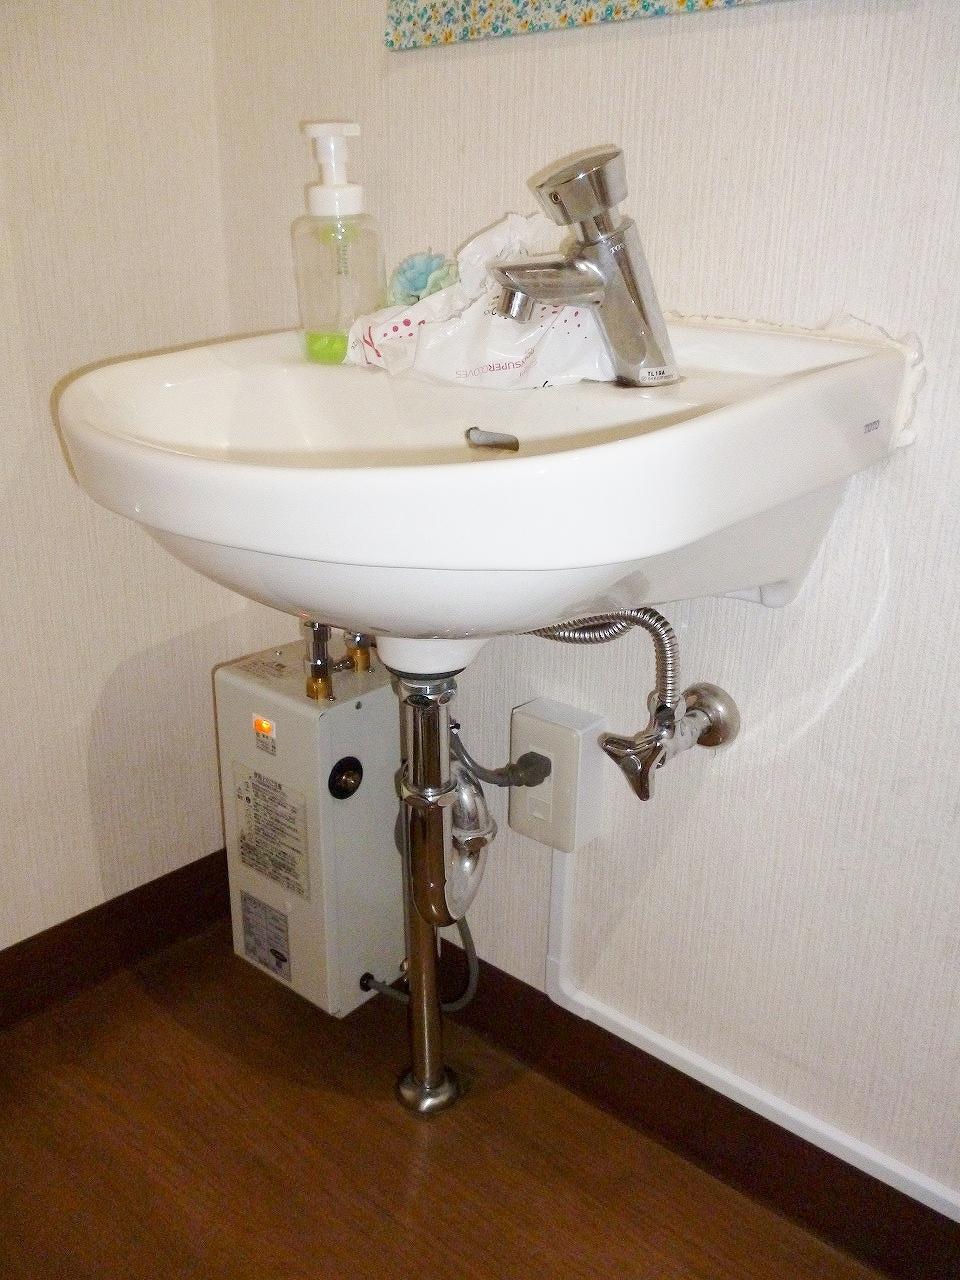 【小型温水器取付事例】 常滑市 S様邸